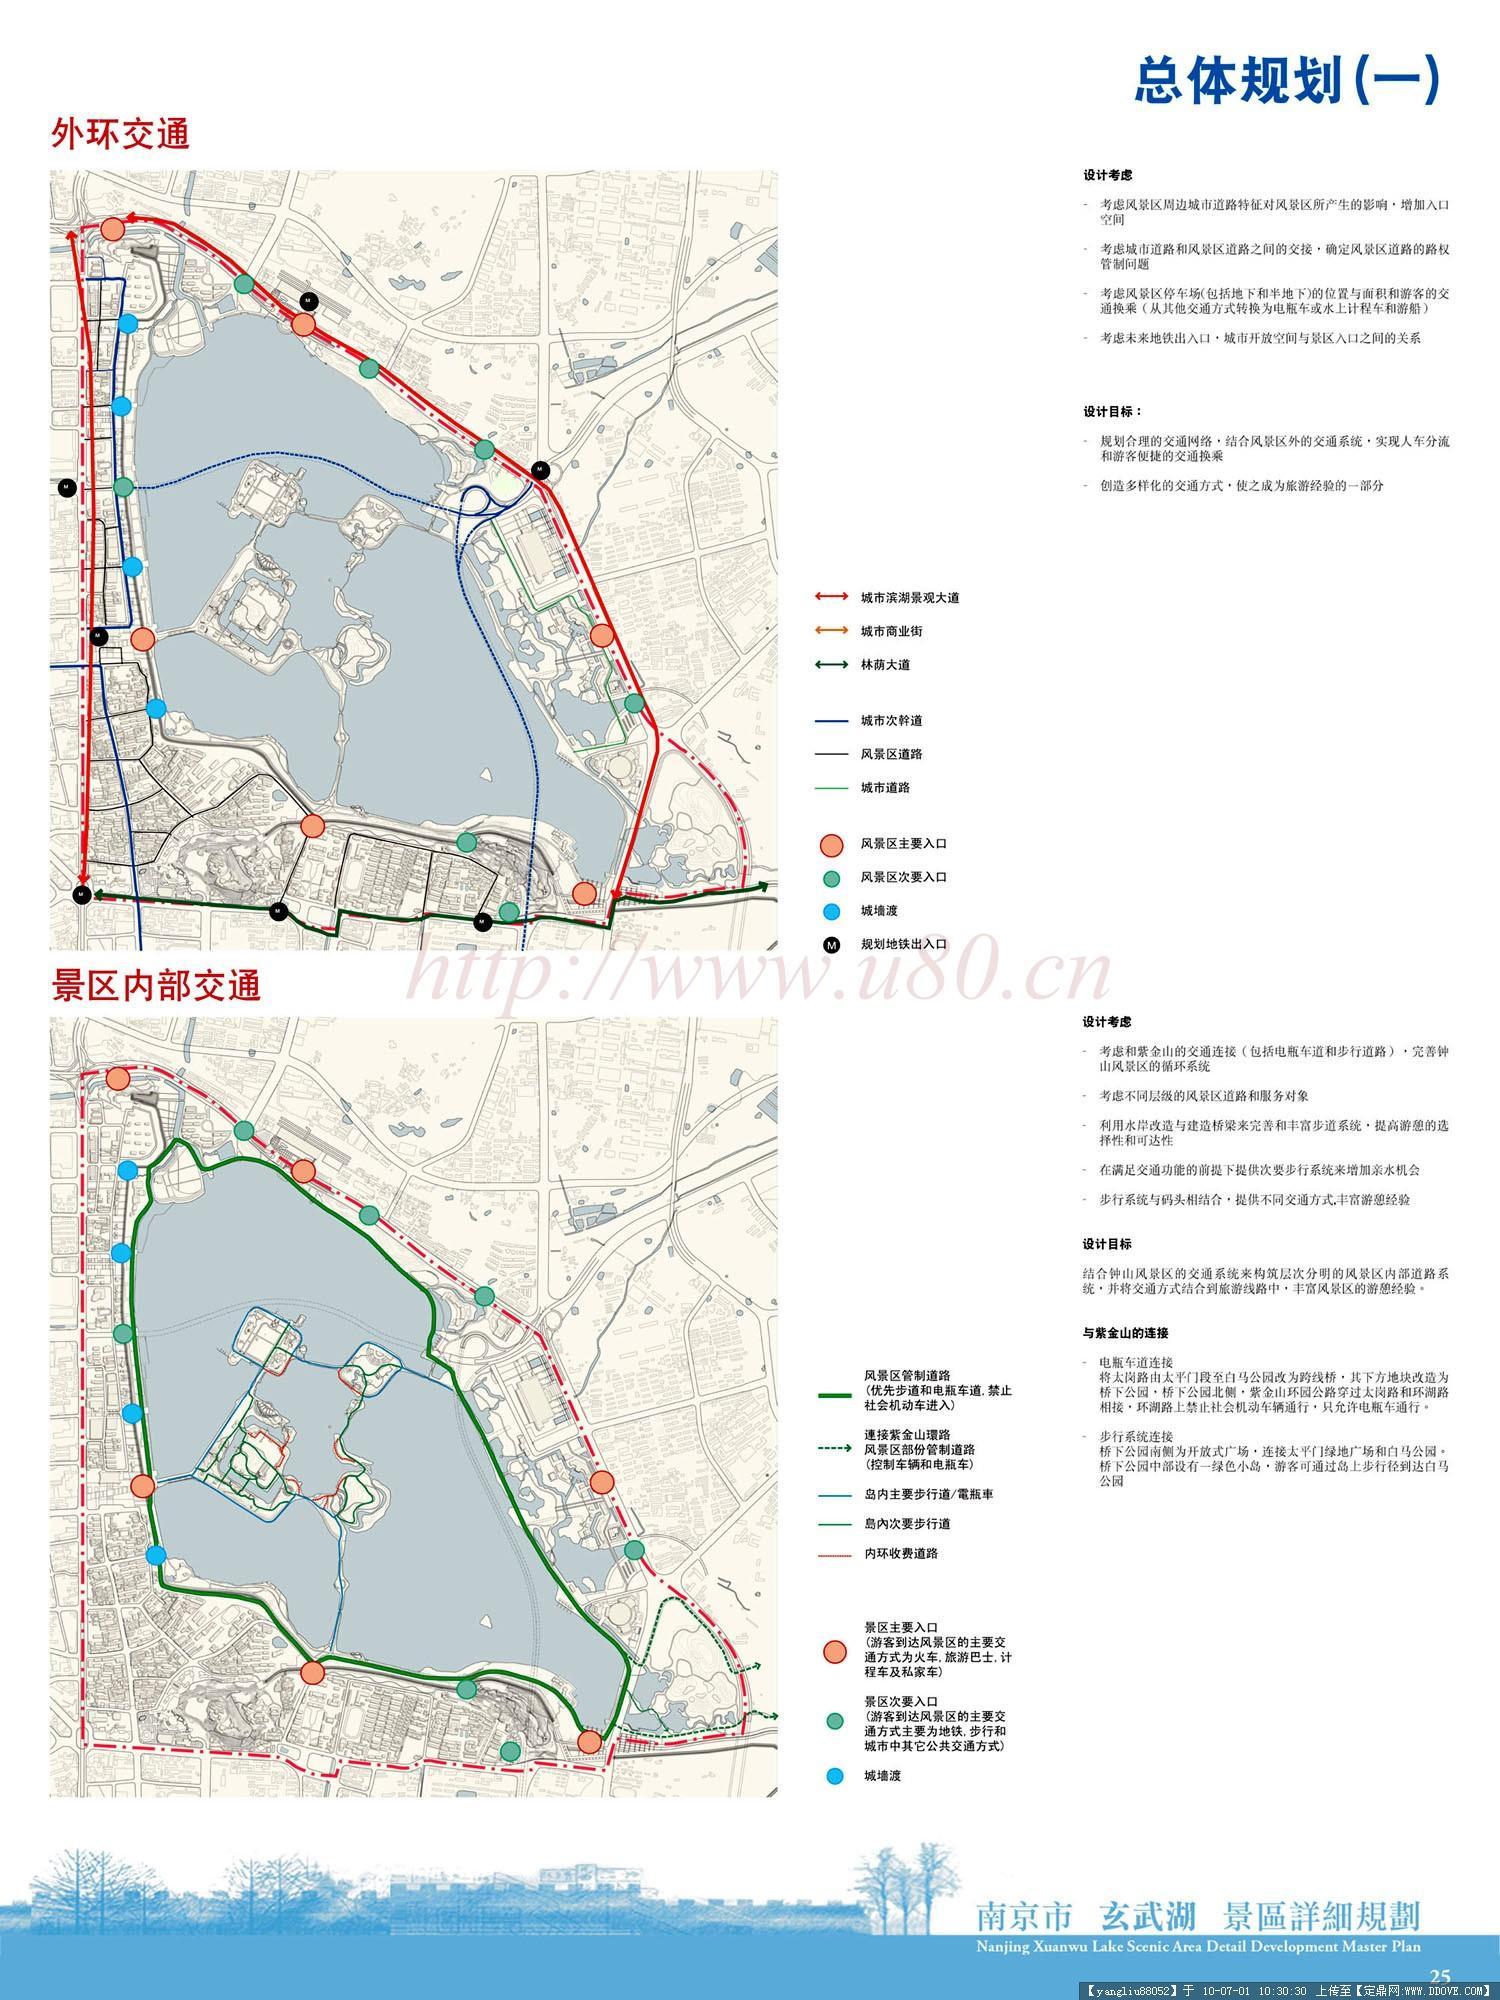 南京玄武湖景区详细规划(edaw)-xwh26